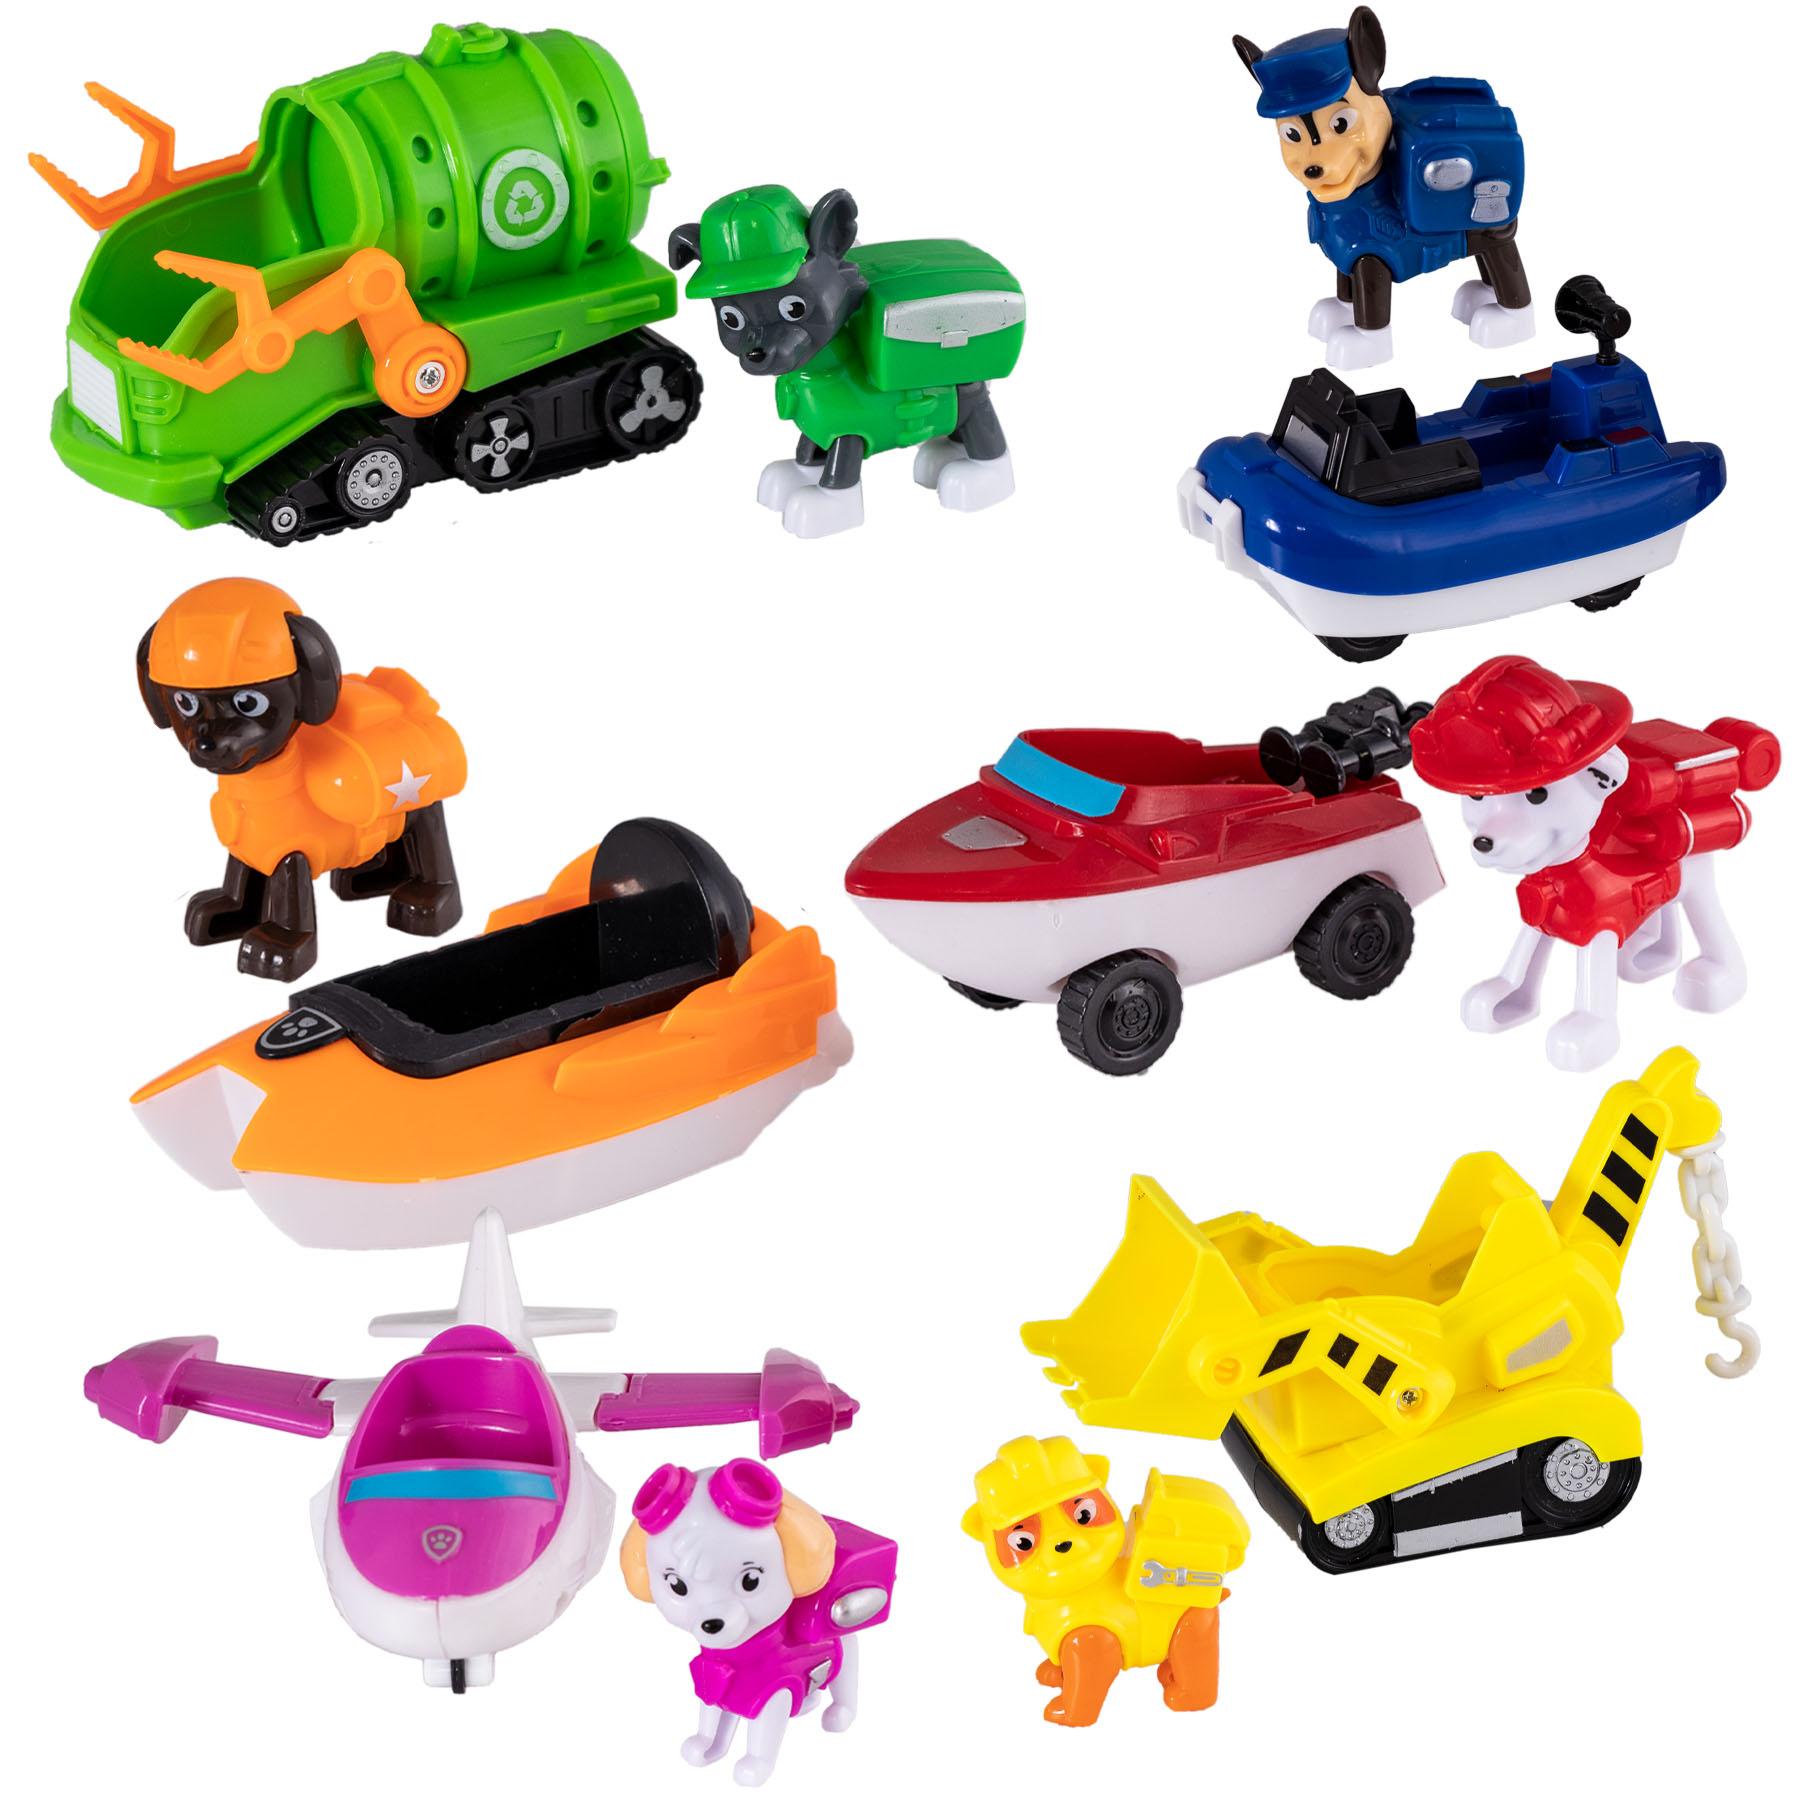 اسباب بازی سگهای نگهبان  مدل دریایی مجموعه 6 عددی